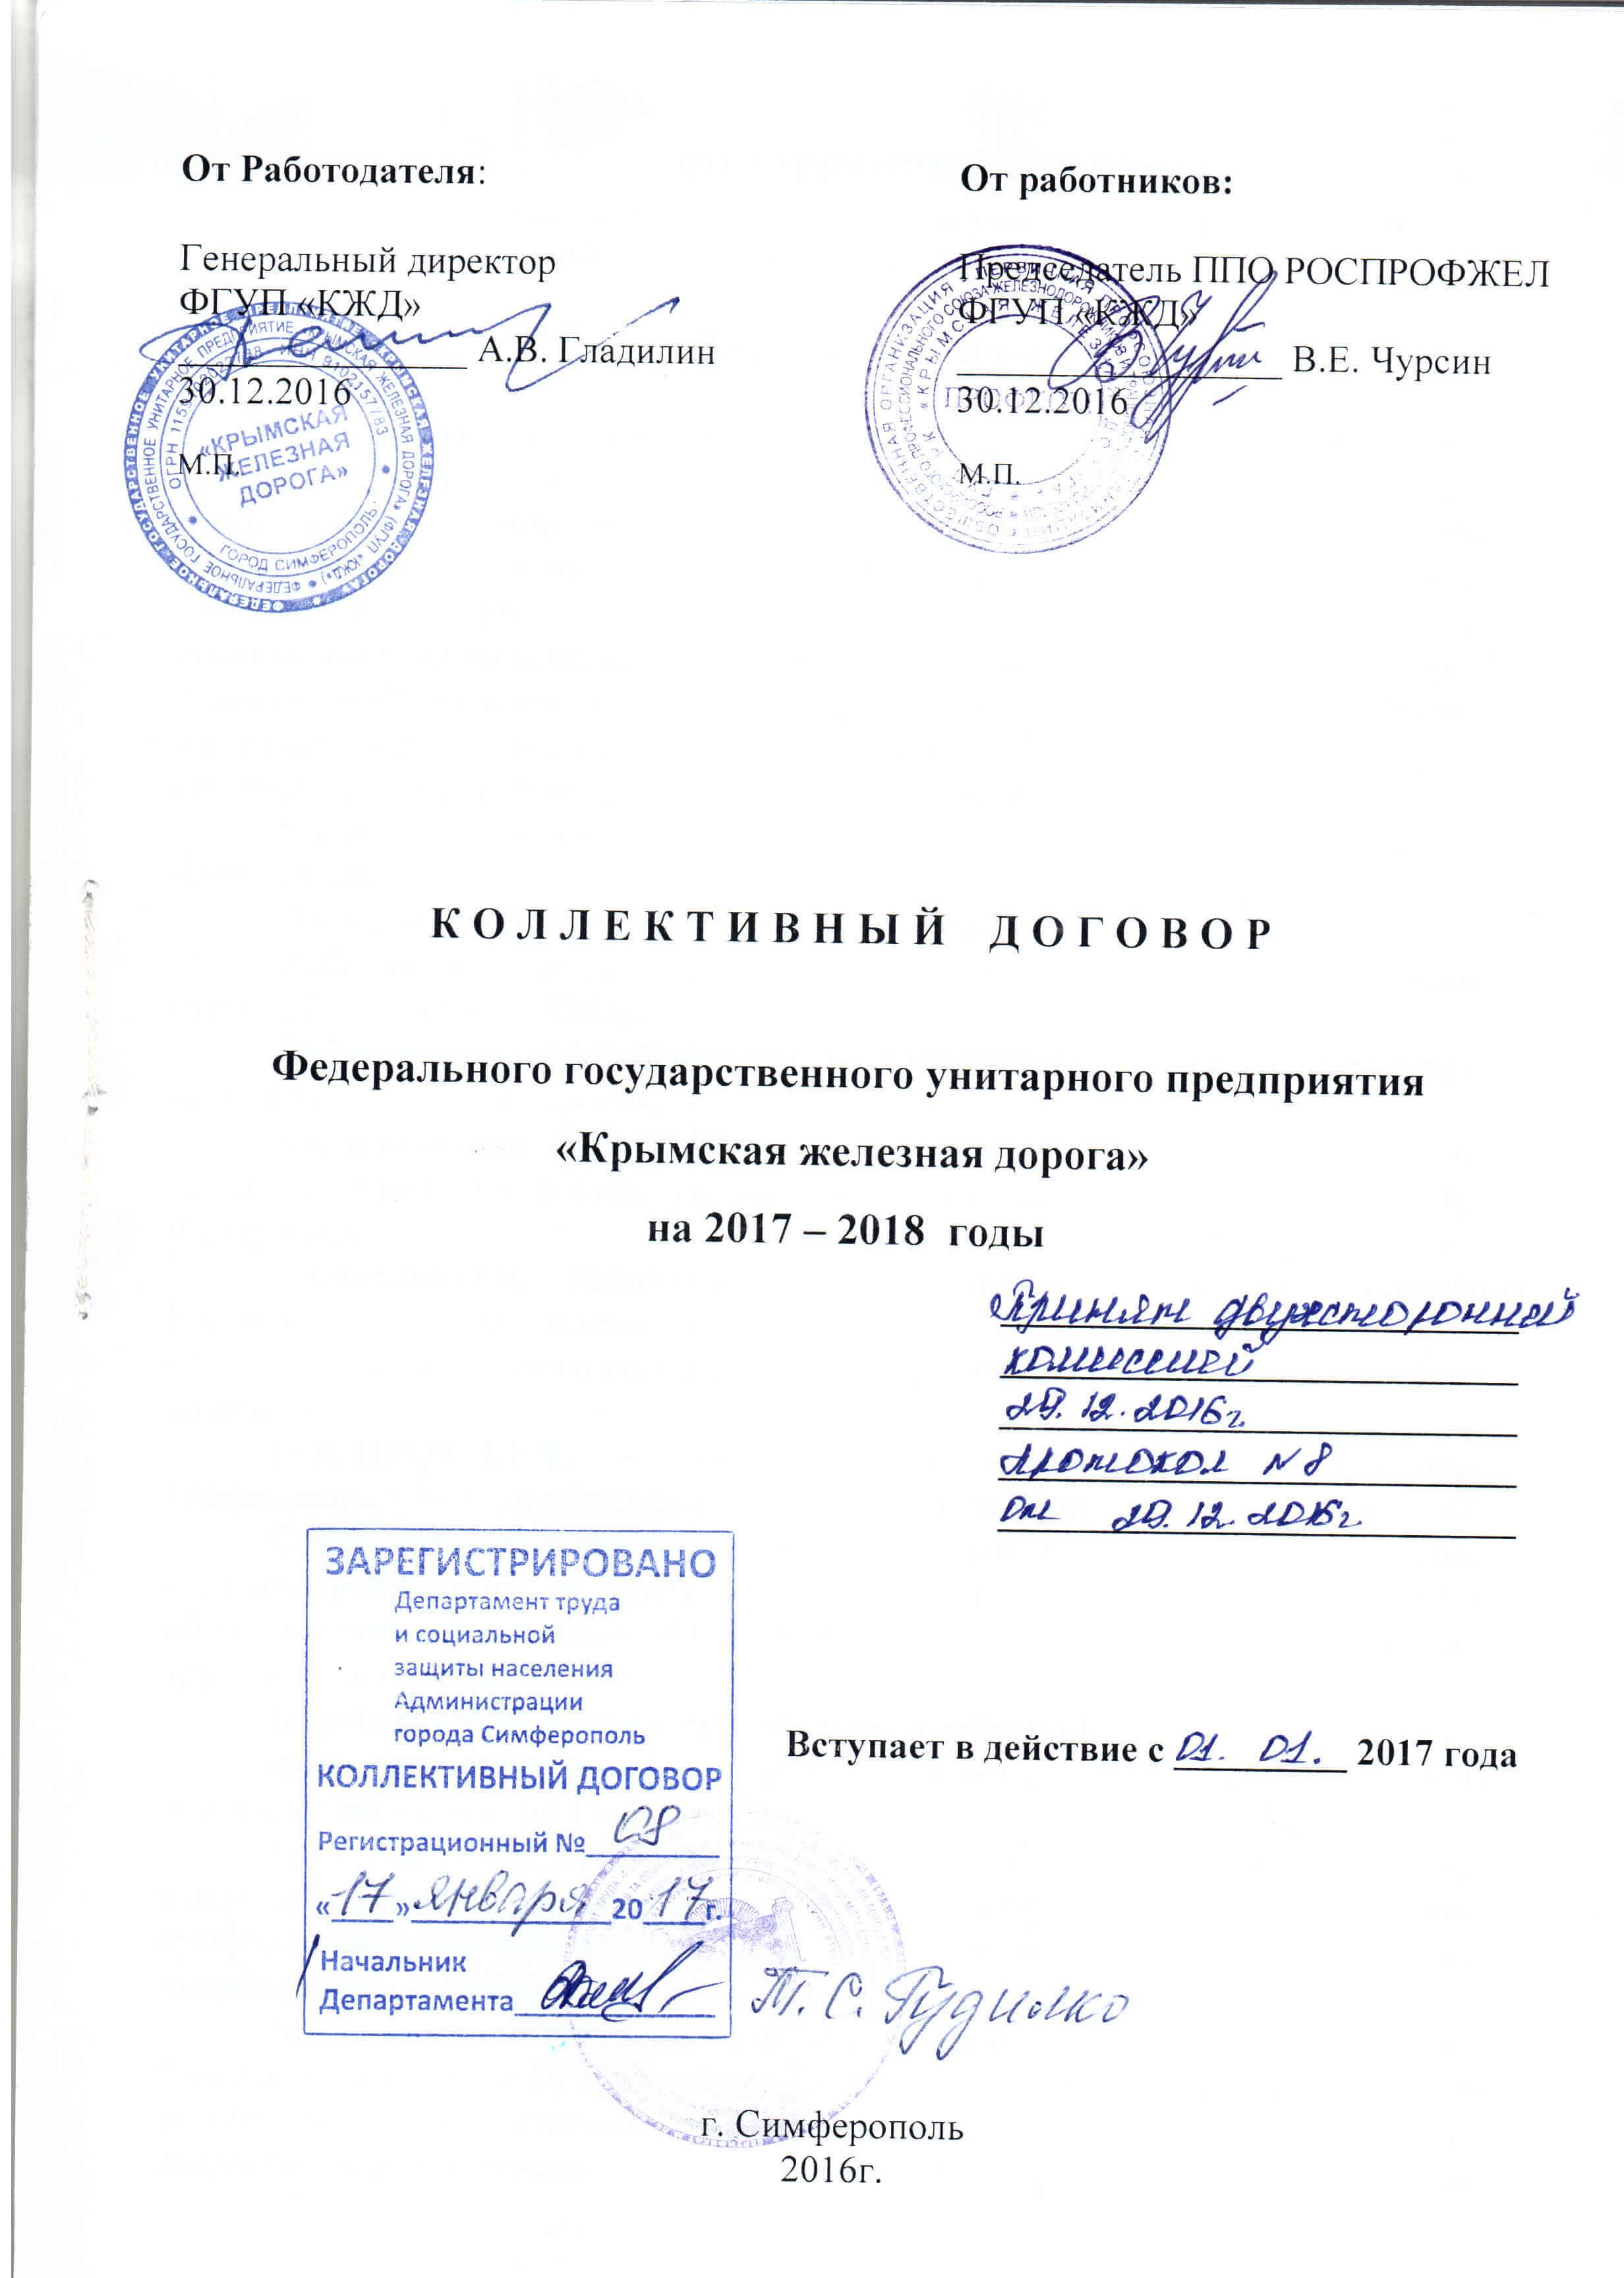 Трудовой договор Симферопольский проезд трудовой договор для фмс в москве Константина Царева улица